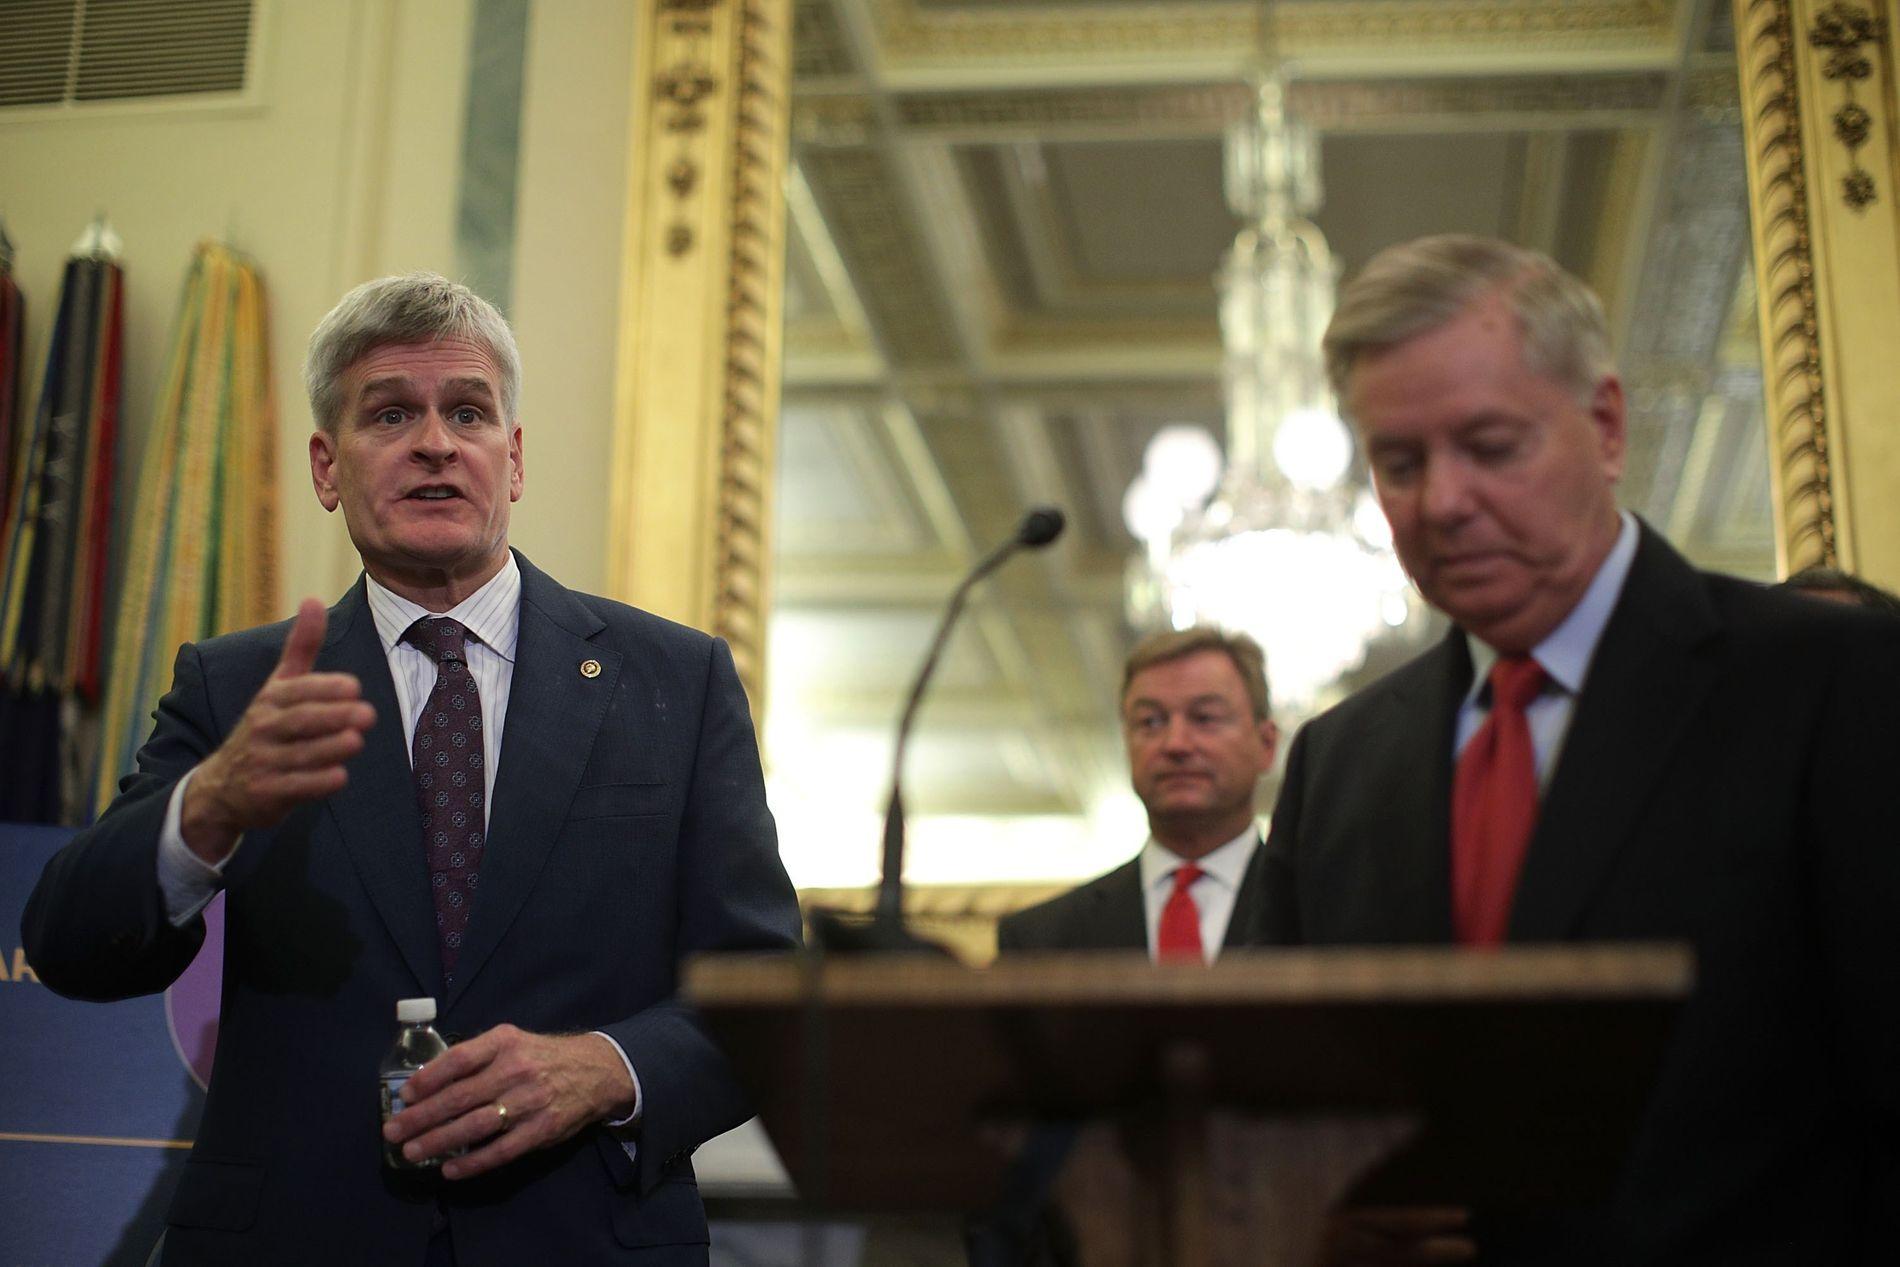 HAR LAGT FREM NYTT FORSLAG: Bill Cassidy (t.v.) og Lindsey Graham (t.h.) er senatorene som kom med det siste forslaget til ny helselov.